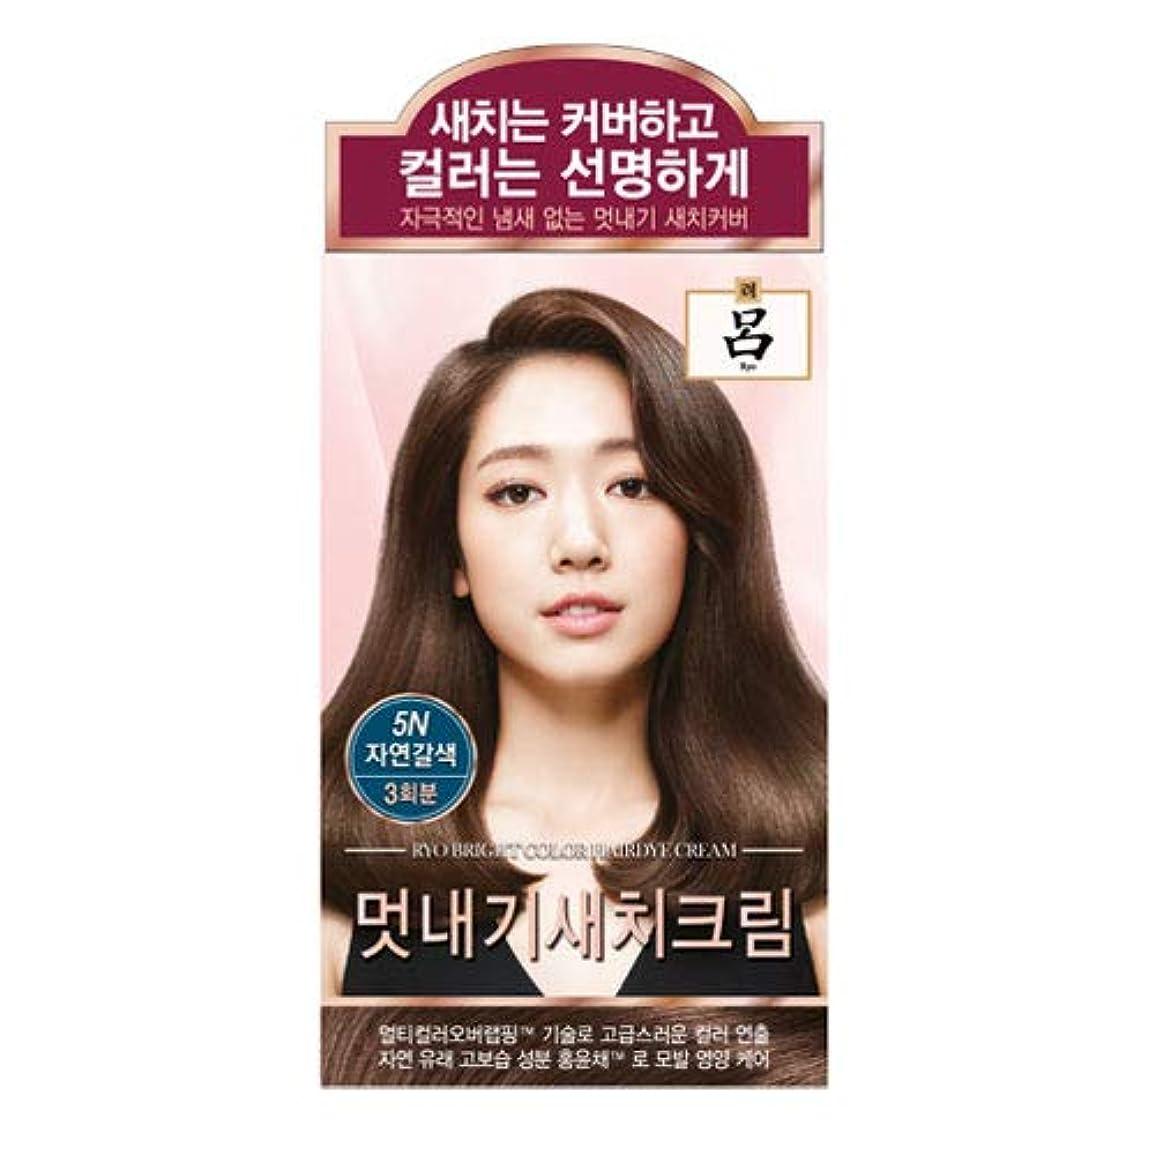 適応所有者つまらないアモーレパシフィック呂[AMOREPACIFIC/Ryo] ブライトカラーヘアアイクリーム 5N ナチュラルブラウン/Bright Color Hairdye Cream 5N Natural Brown